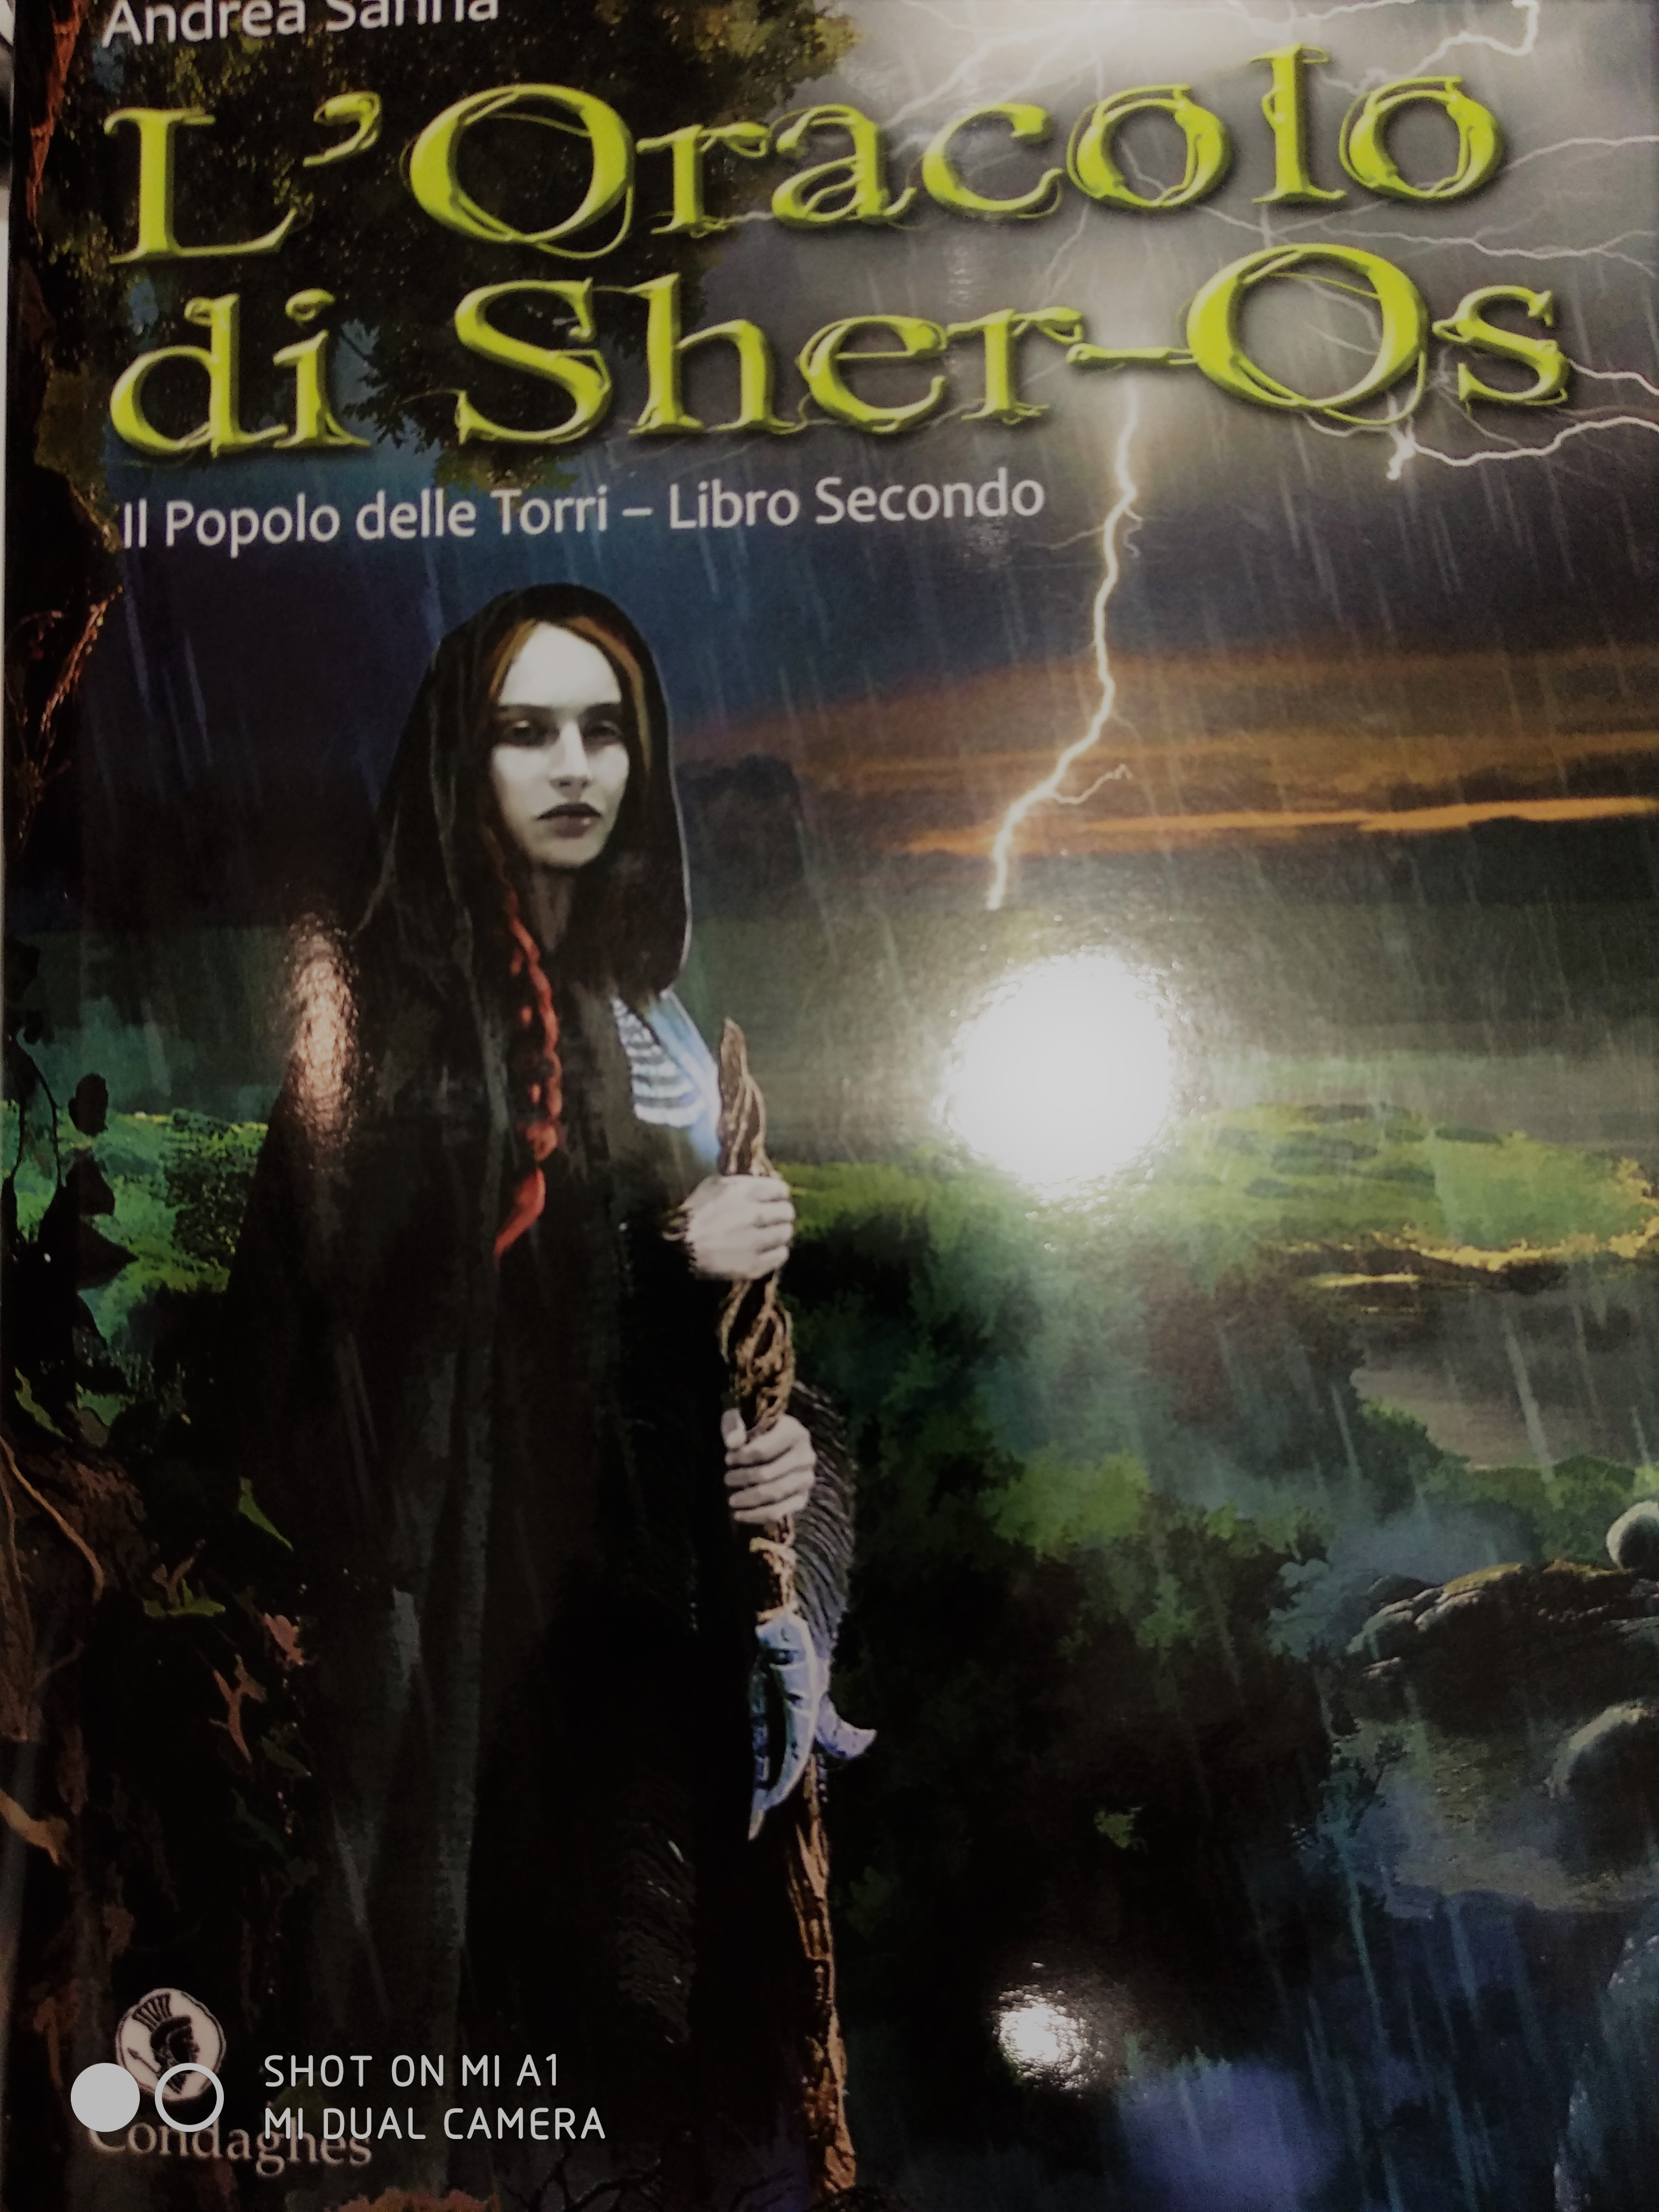 L'oracolo di Sher-Os